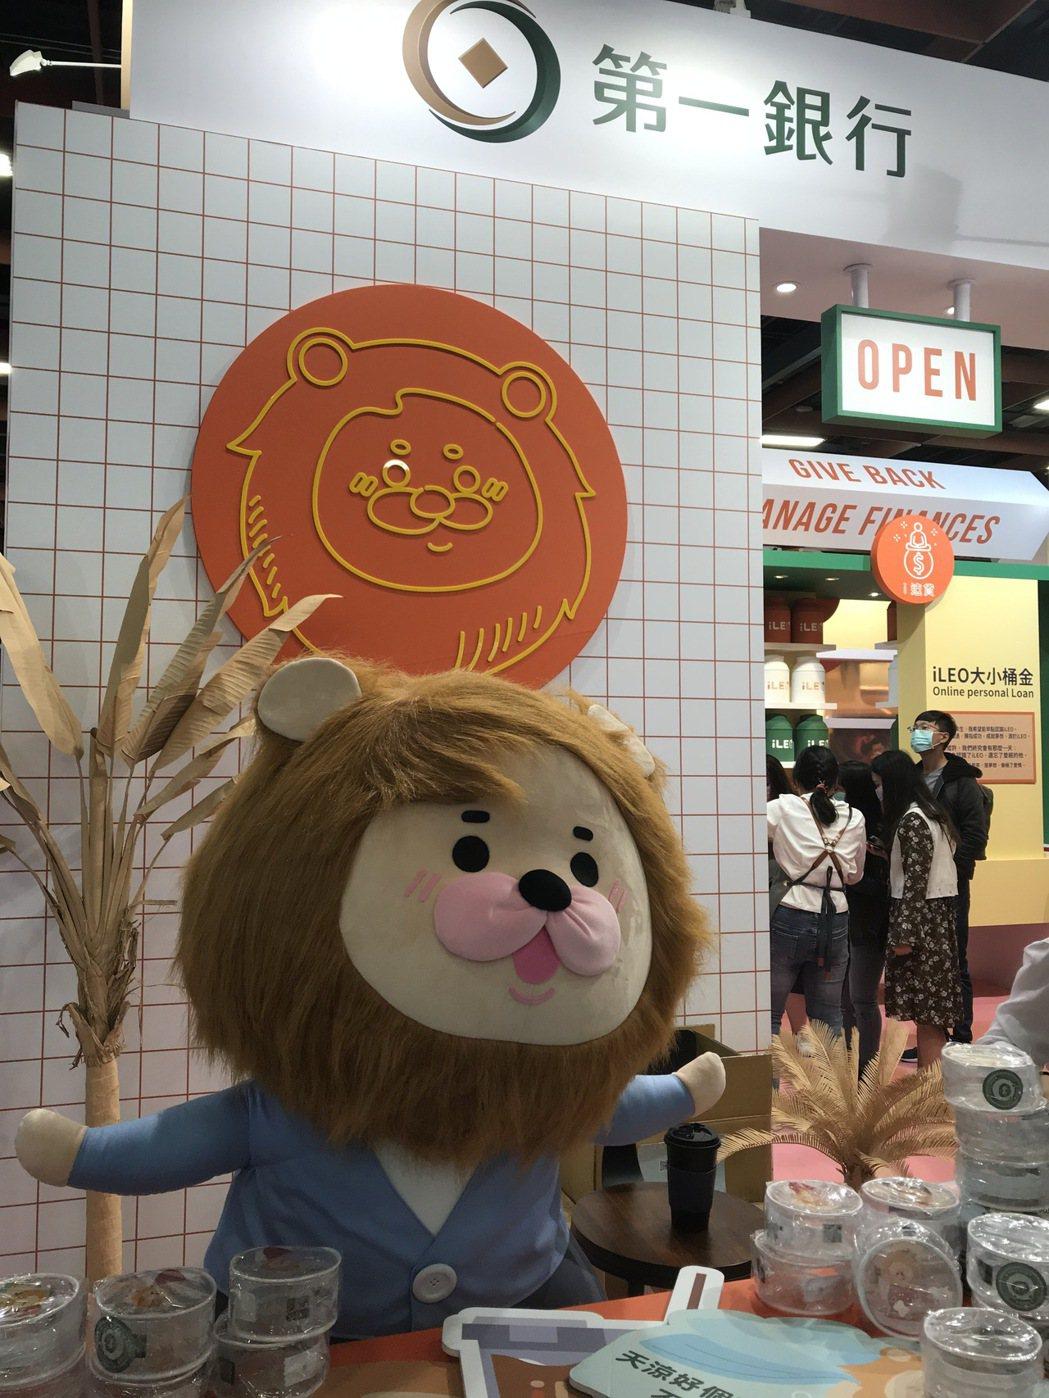 企業及祥物搭配小禮品往往吸引參觀民眾聚集(記者廖賢龍/攝影)